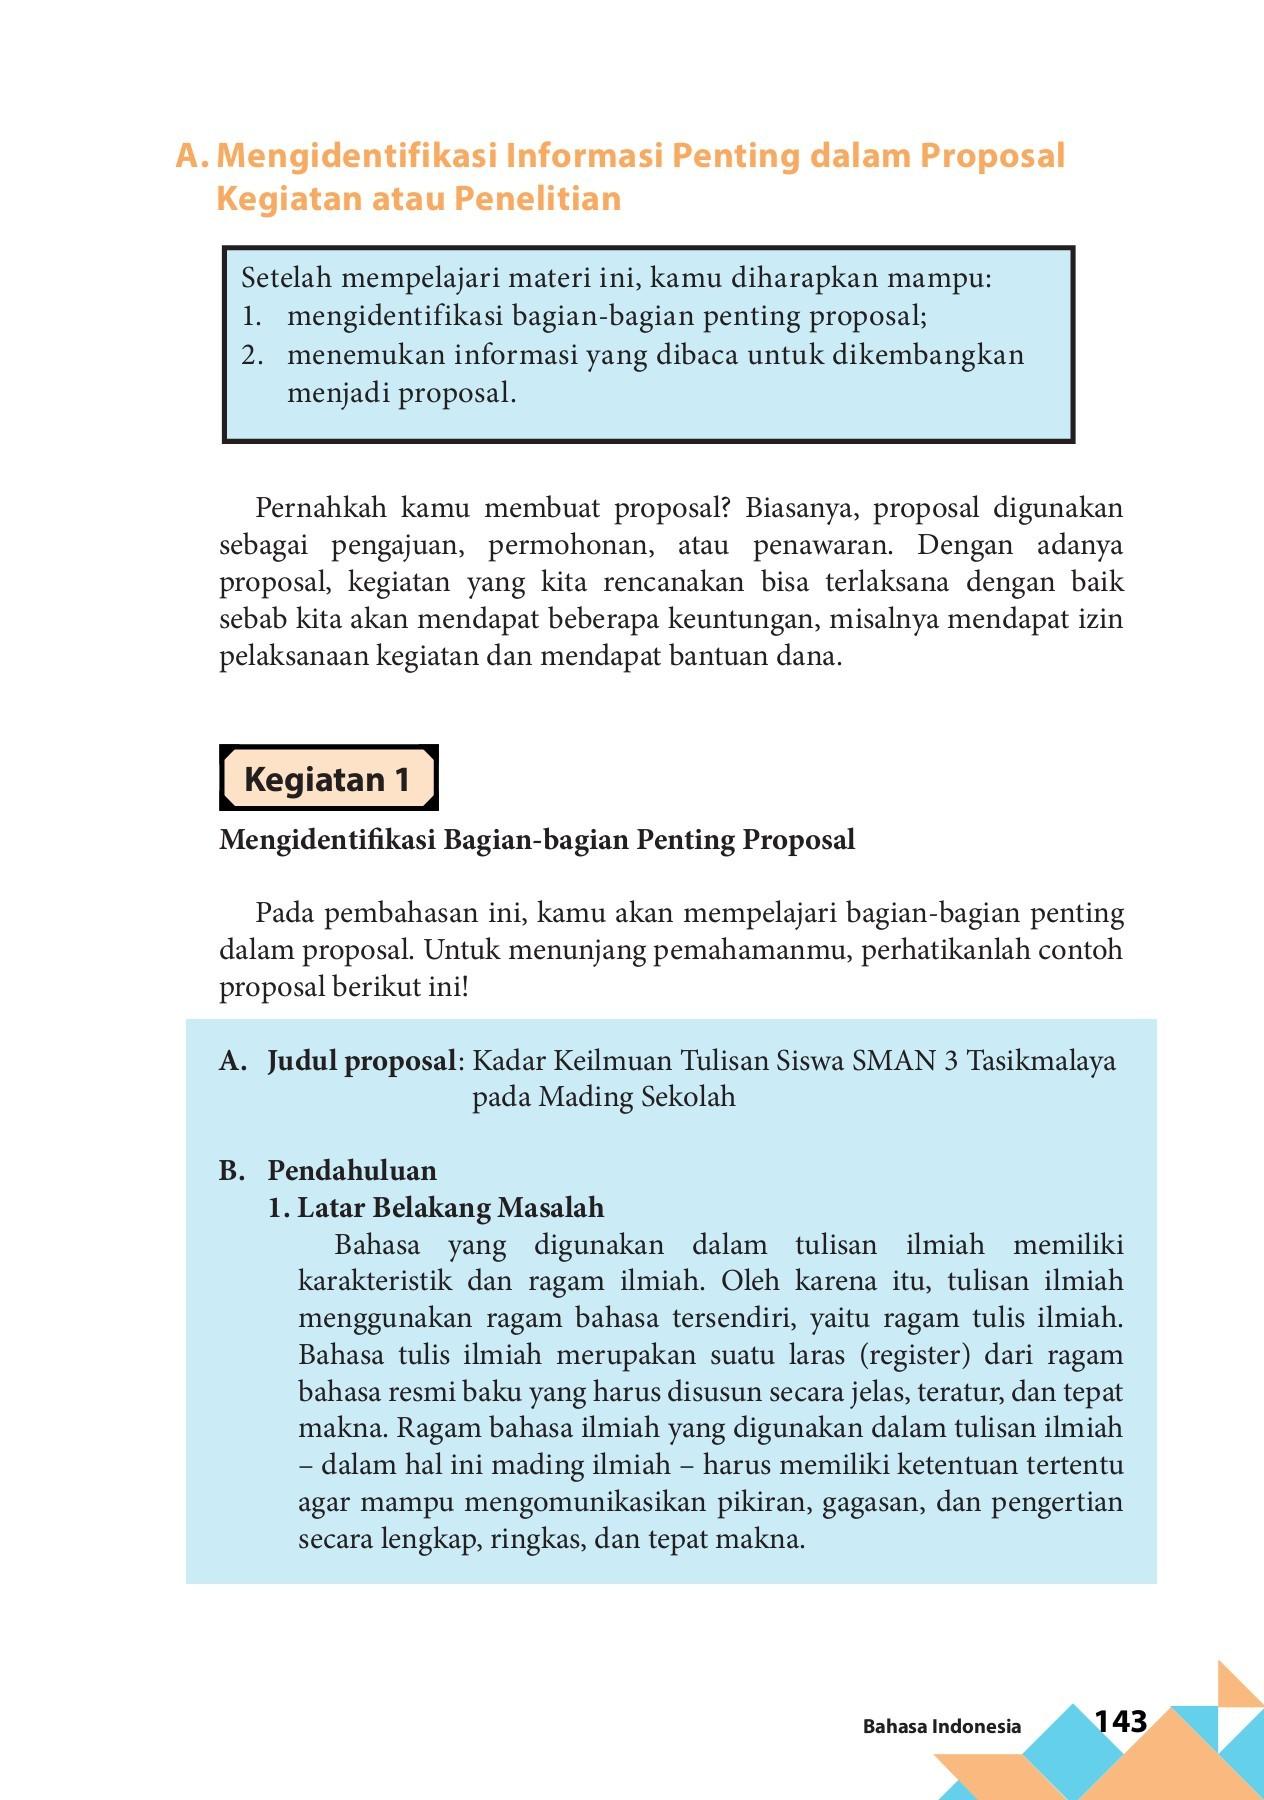 Ringkasan Proposal Penelitian Tentang Kadar Keilmuan Tulisan Siswa